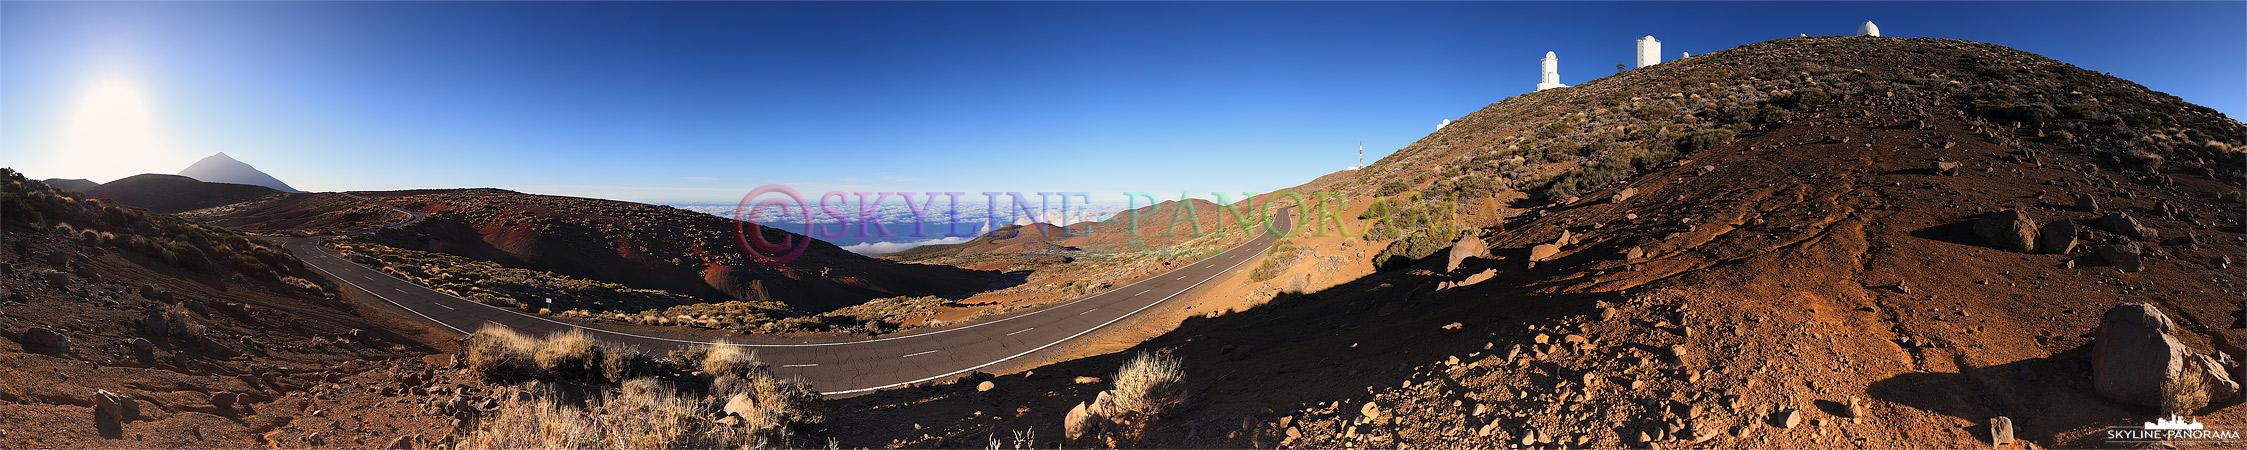 Panorama Teneriffa - Die Aussicht vom Teide Nationalpark in Richtung Puerto de la Cruz.